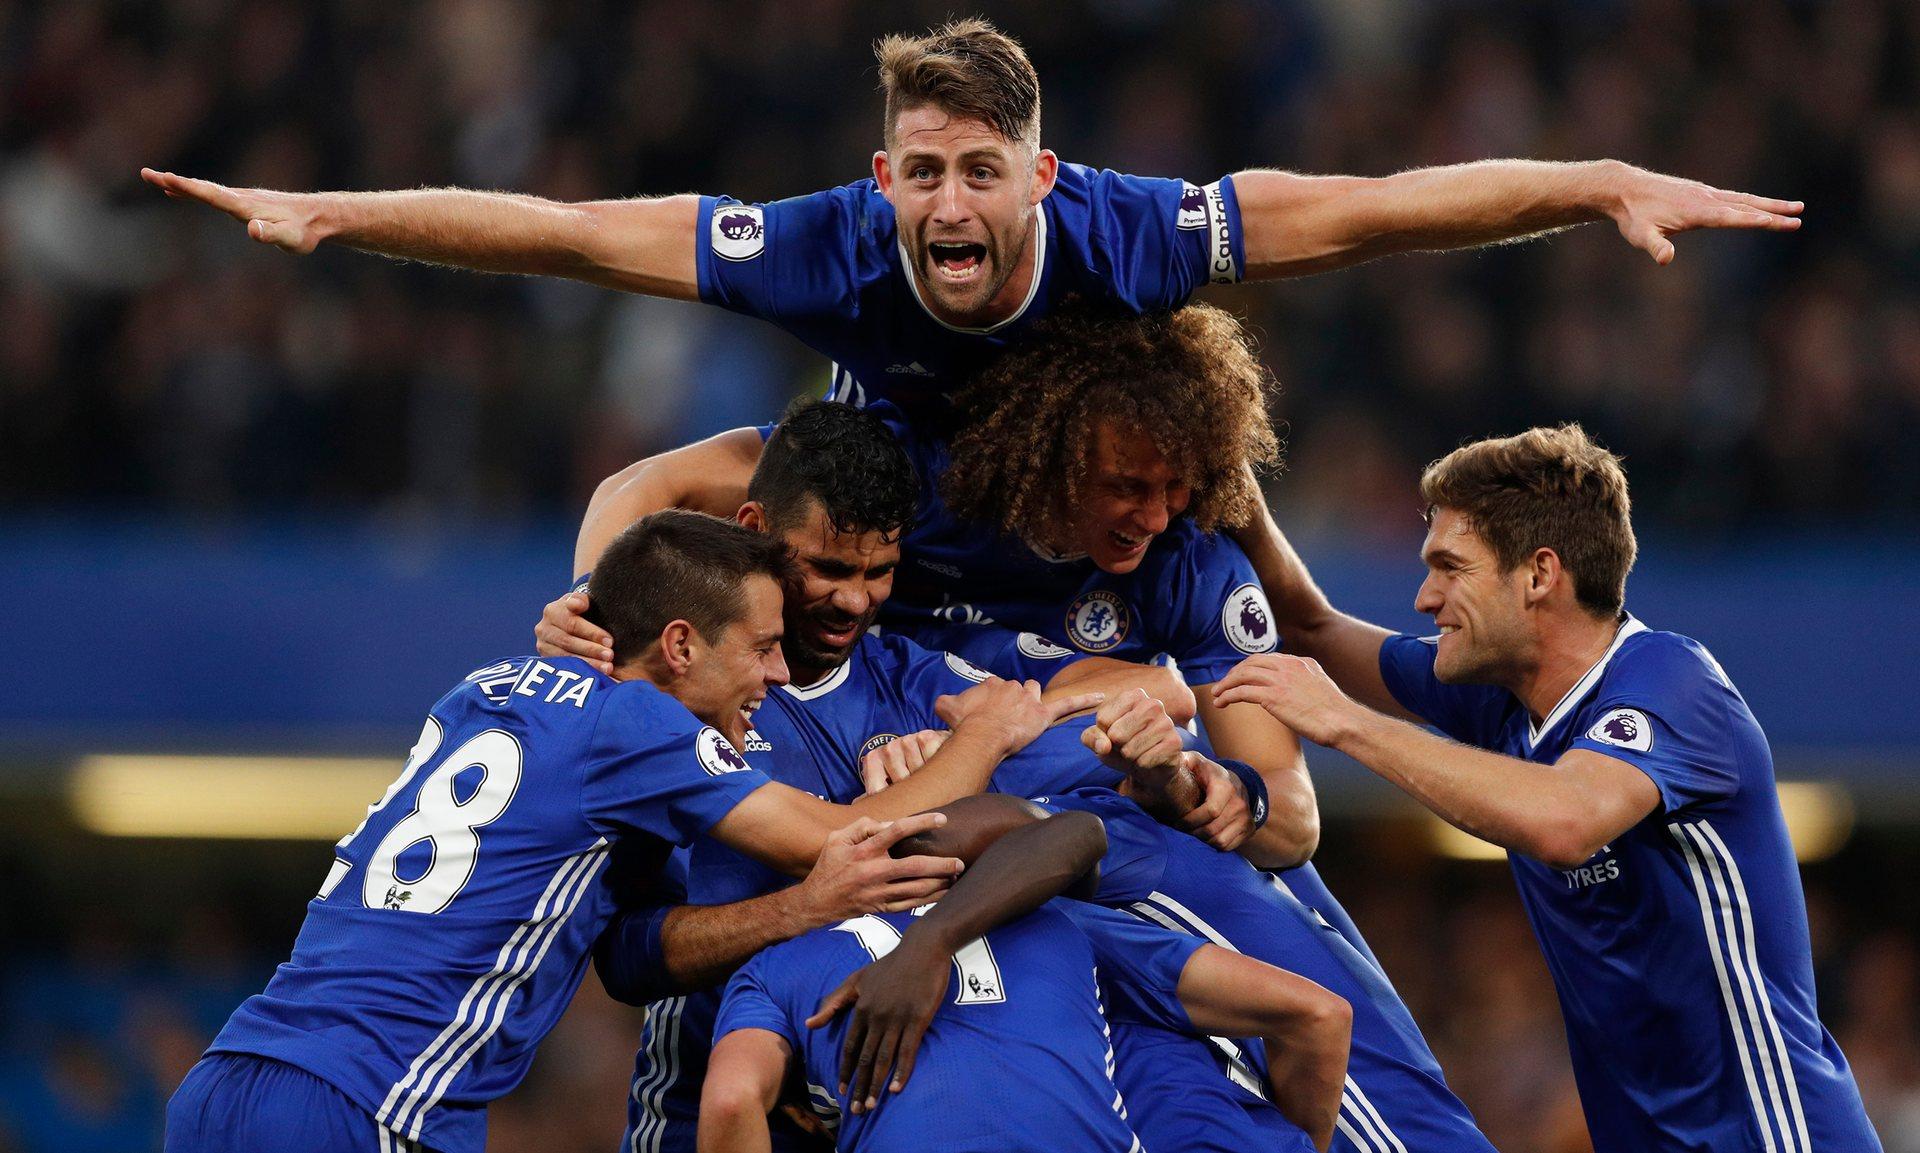 Conte fa l'impresa, Chelsea-Manchester United 4-0. Guardiola non scappa: 1-1 tra City e Southampton